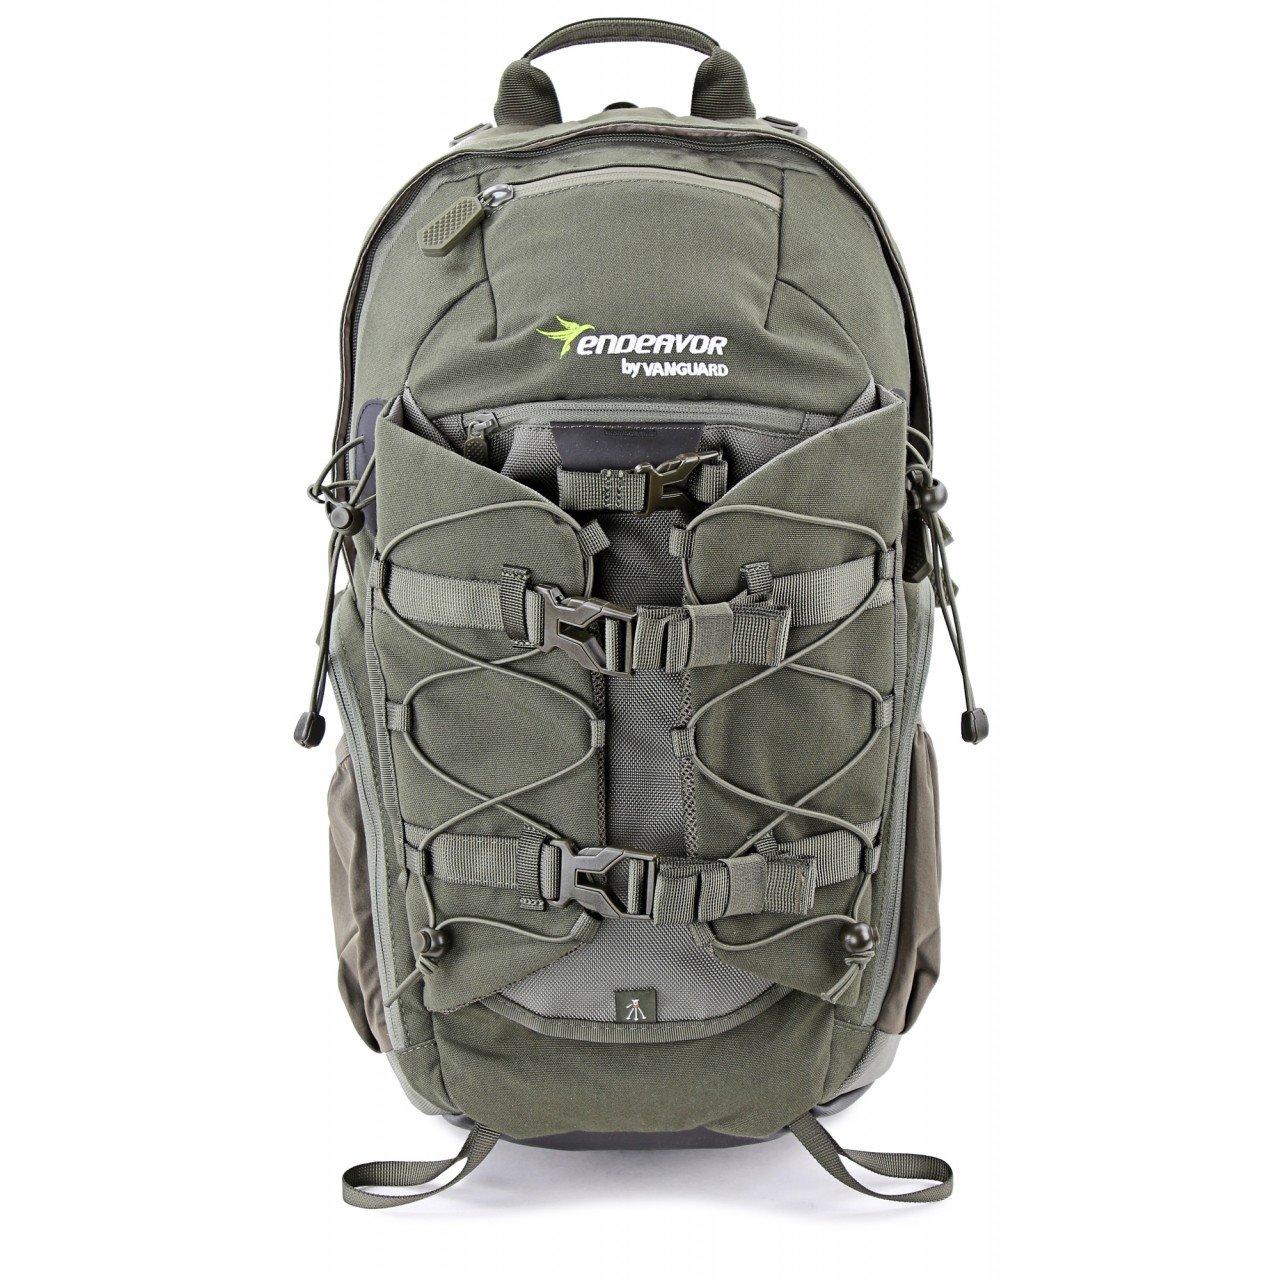 Vanguard outdoorový batoh Endeavor 1600 - zelená